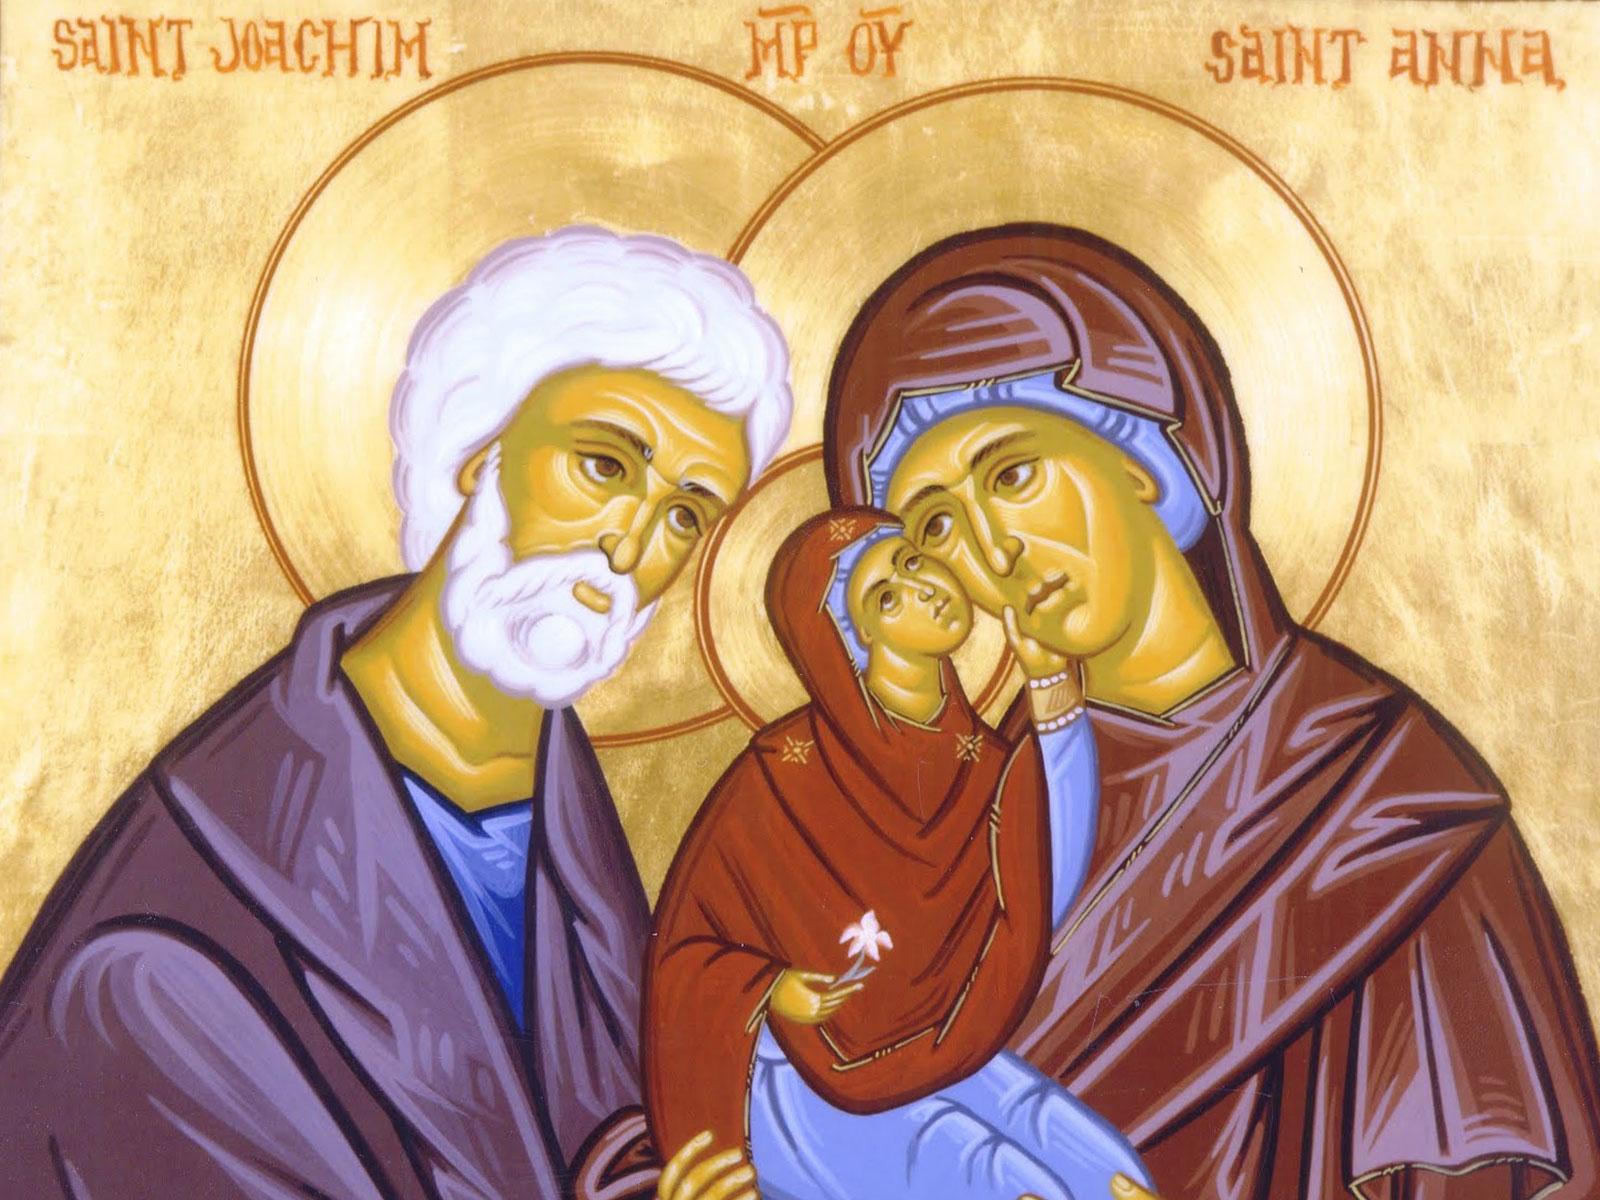 Рождество Пресвятой Богородицы - дата, история, что нельзя делать - фото 1